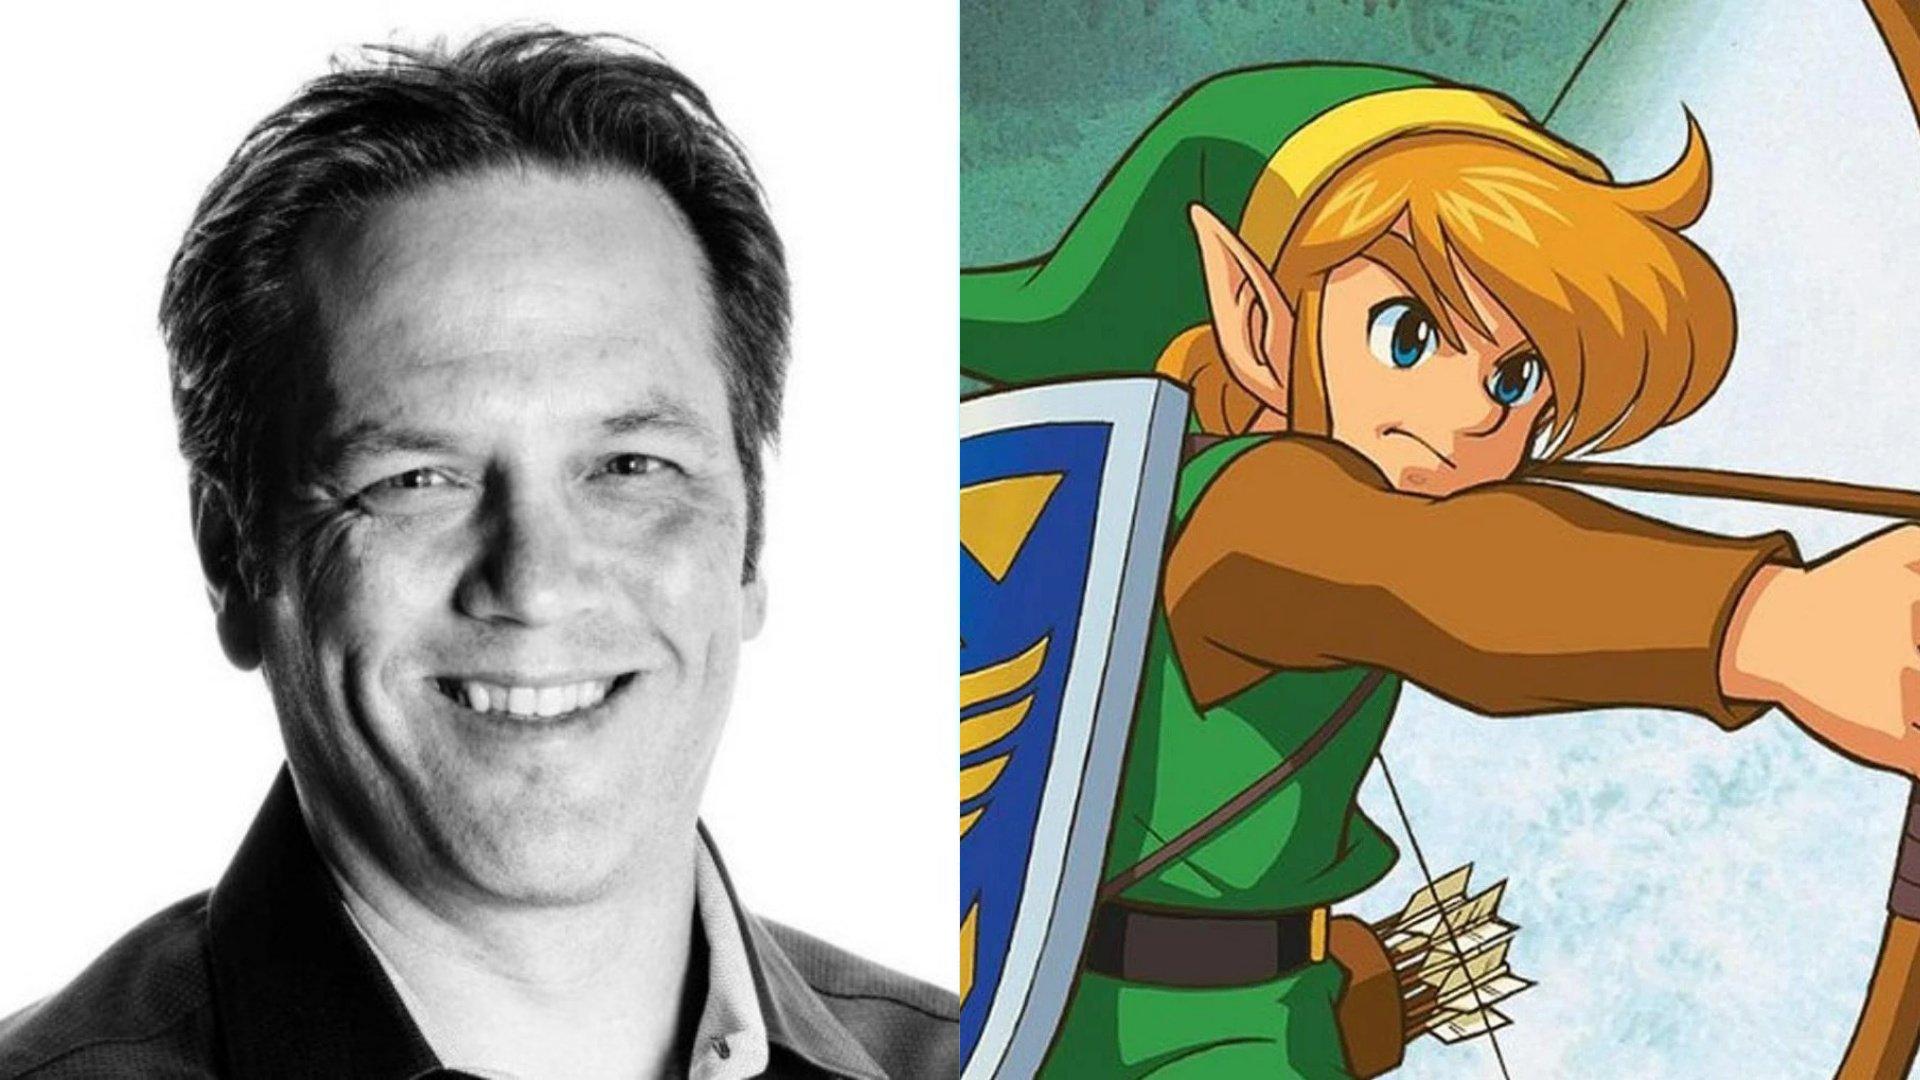 También Phill Spencer celebra el 35 aniversario de Zelda